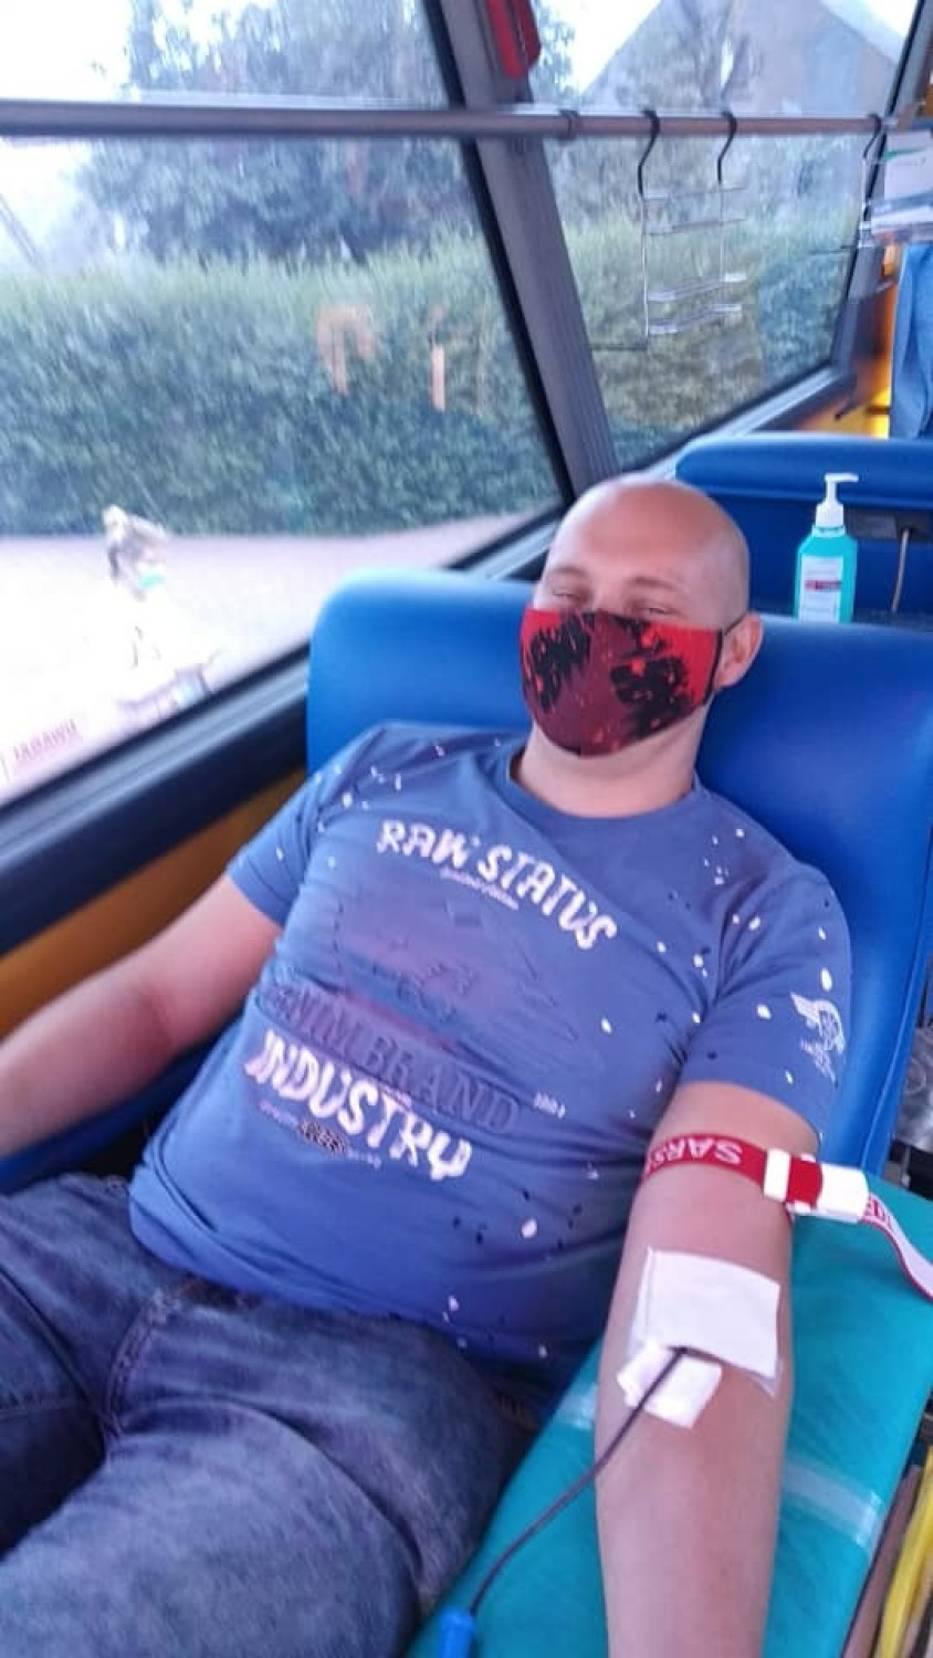 Wakacyjny Pobór Krwi w Połchowie - 11 lipca 2020